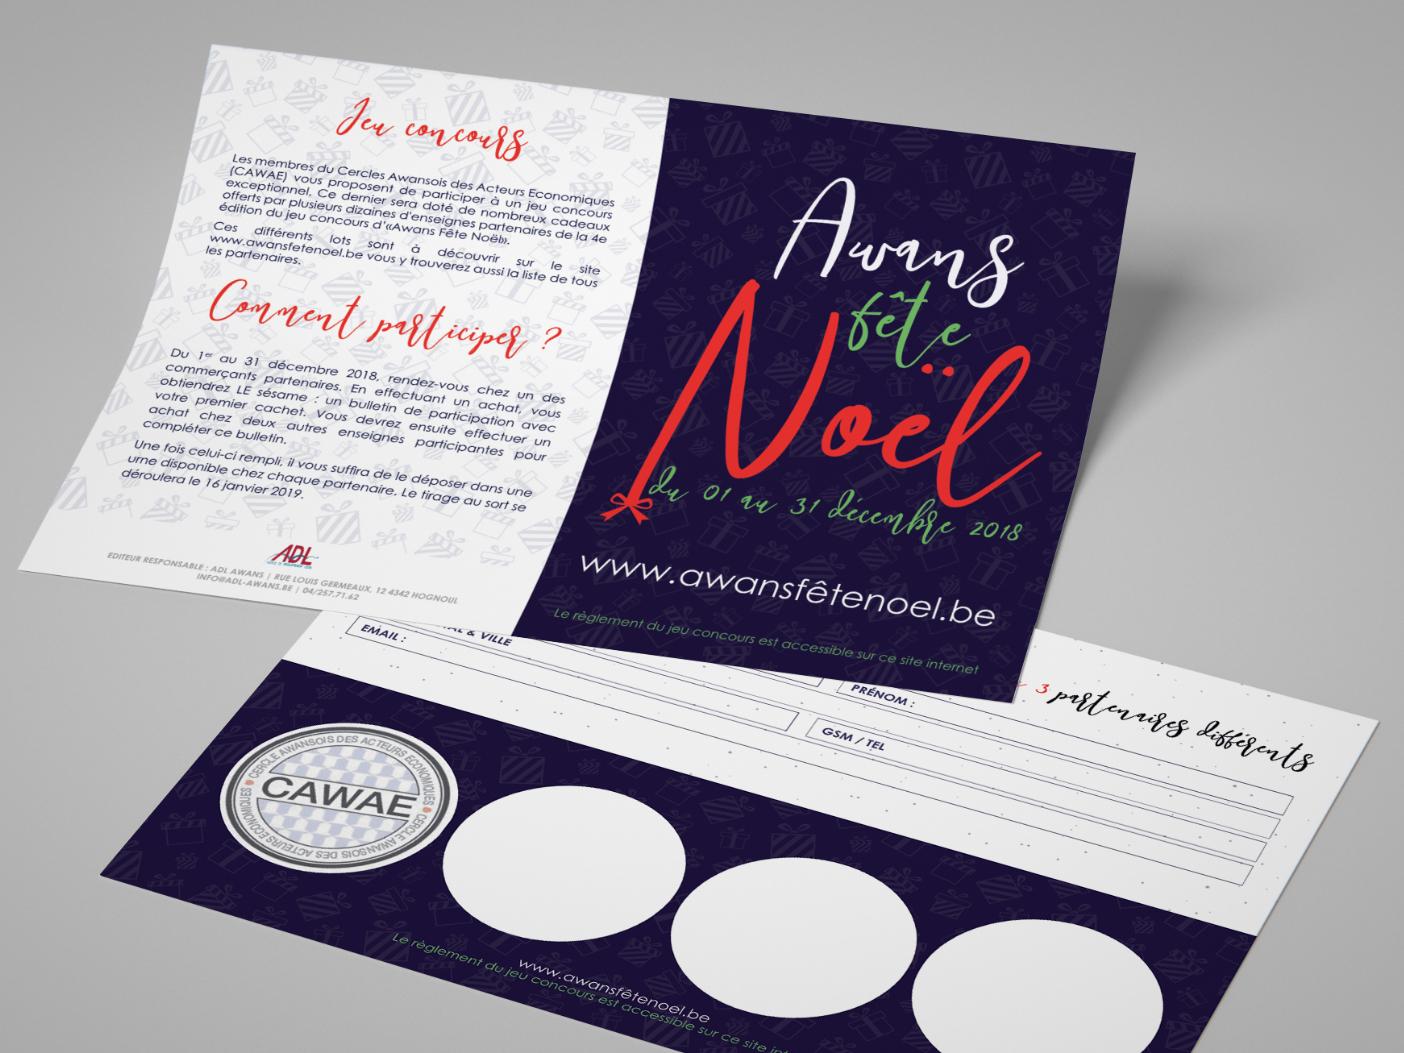 A6 flyers for Awans Fête Noël 2018 client work flyer design